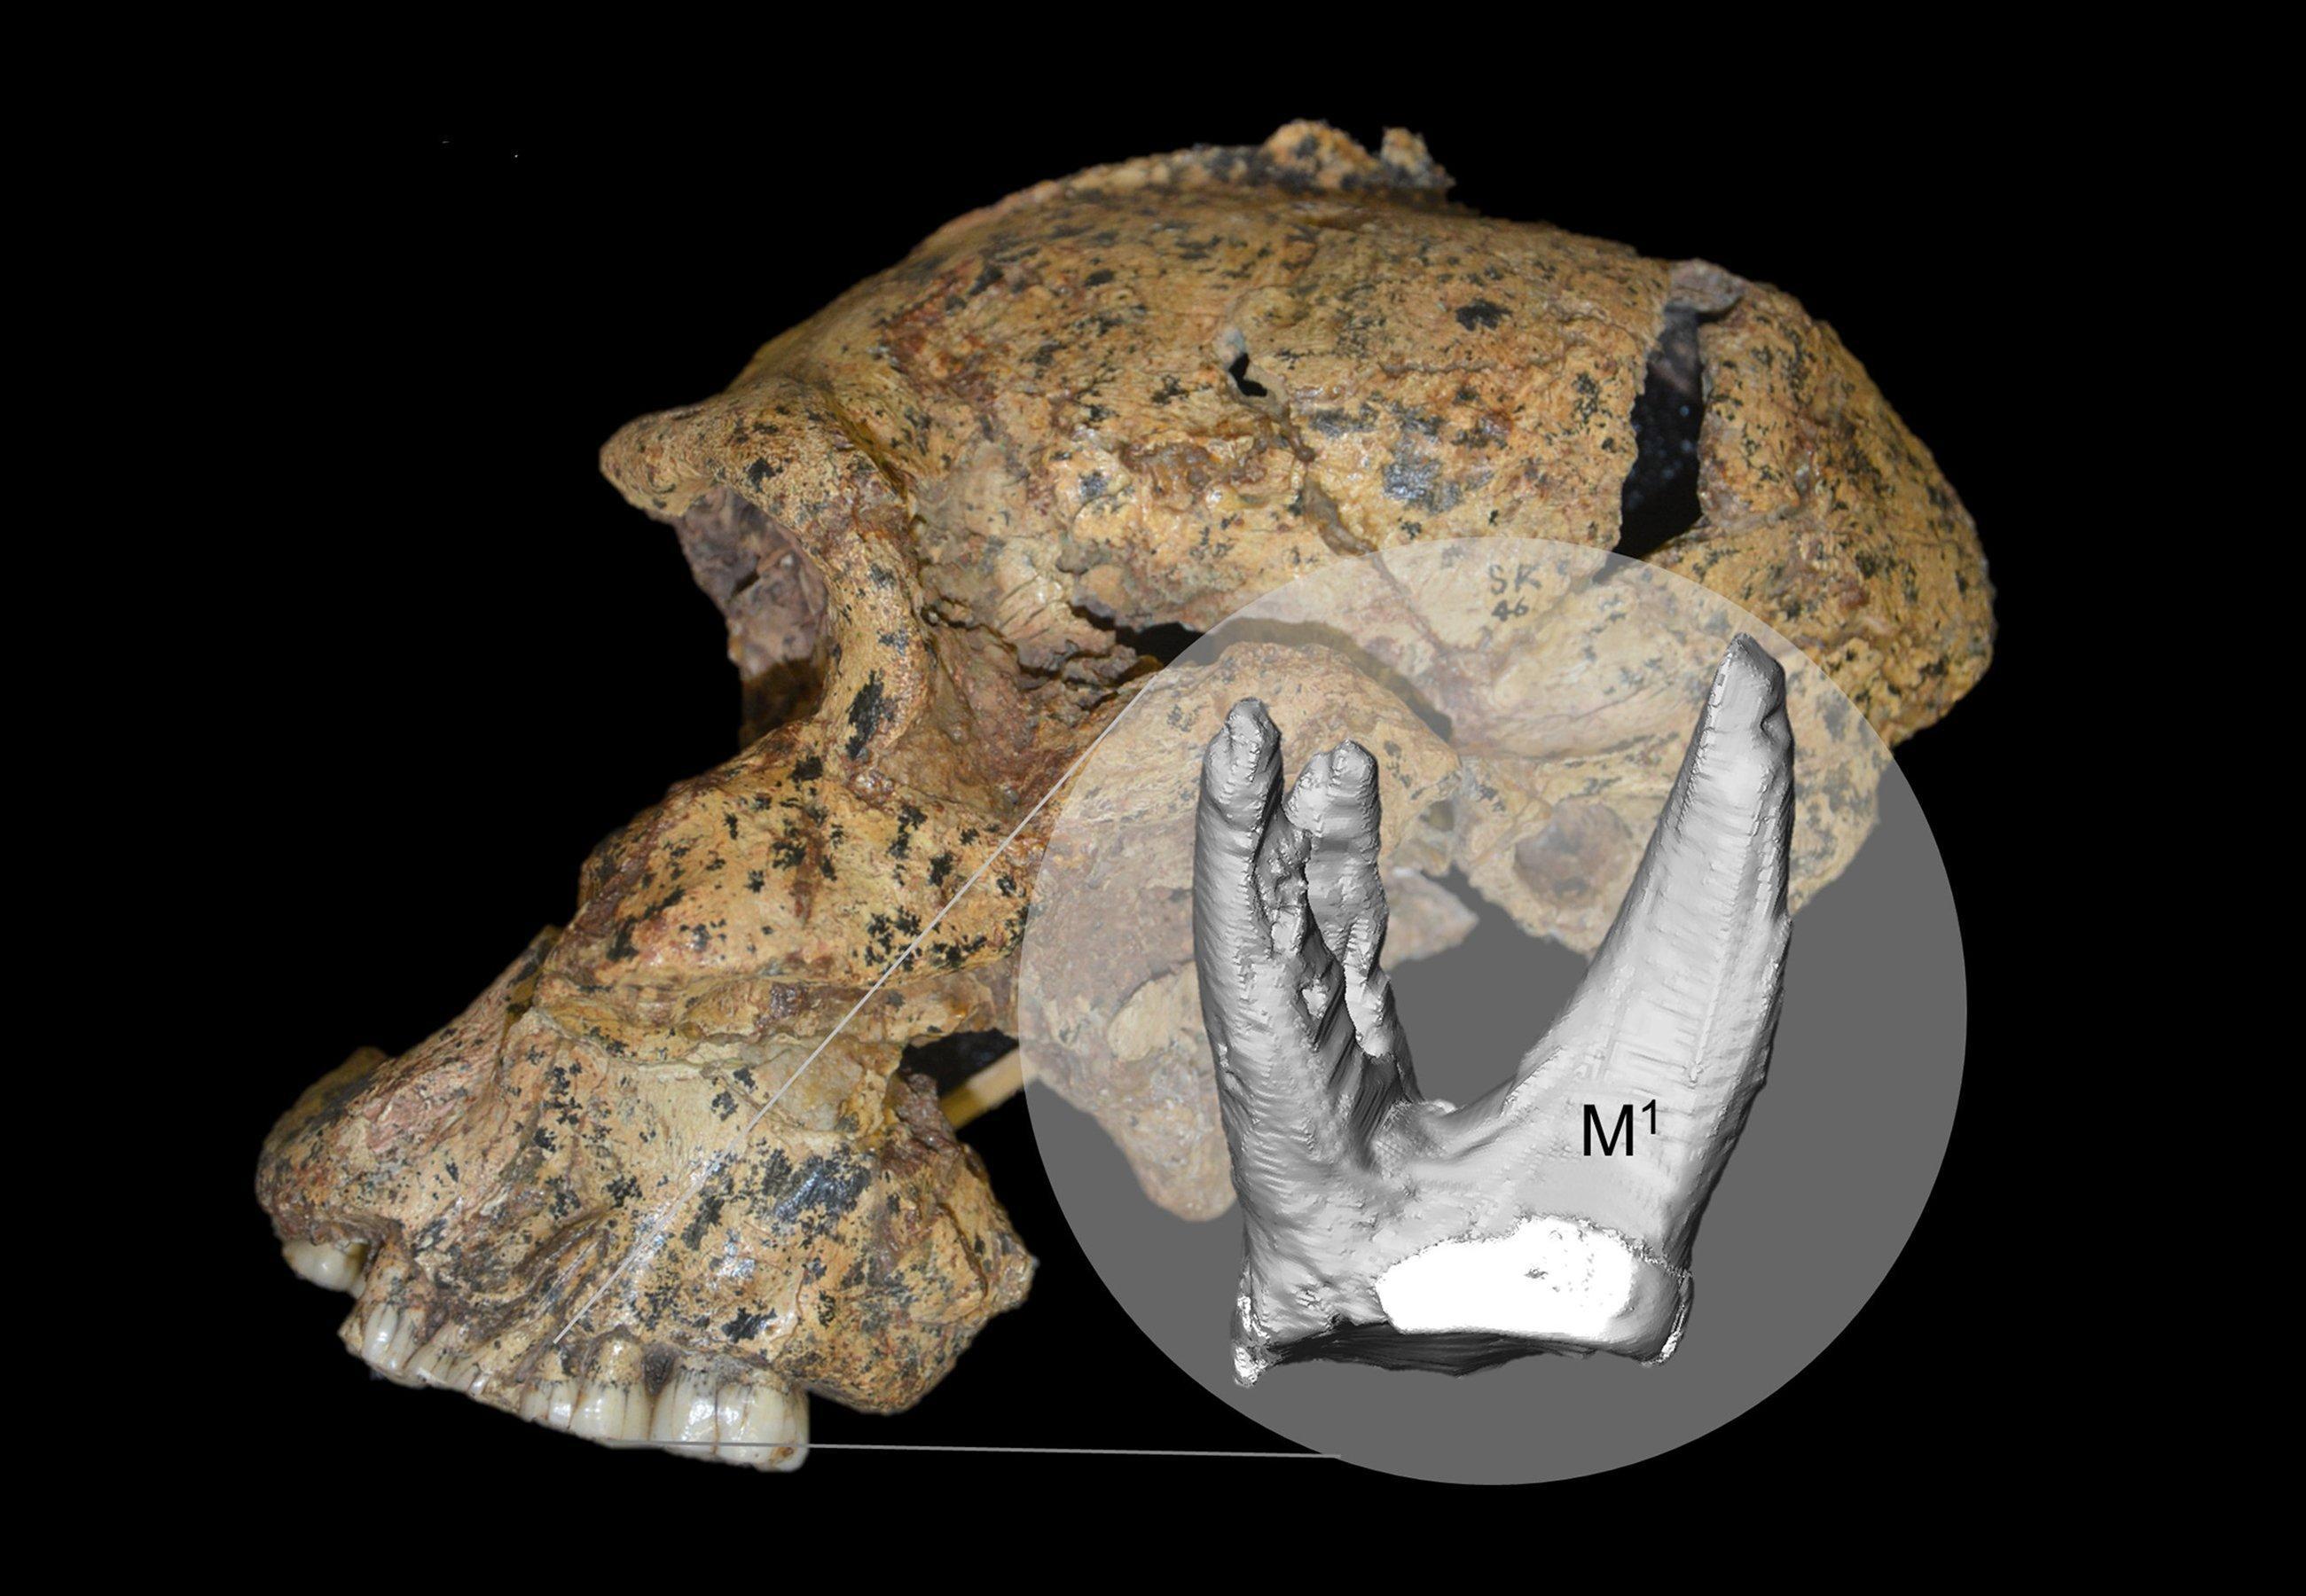 Das Bild zeigt eine seitliche Ansicht des Schädels von Paranthropus robustus. Vom Kiefer als Zoombild ausgehend und stark vergrößert, ist zudem die virtuelle Rekonstruktion eines Zahnes und seiner Wurzeln dargestellt. Daran können die Forscher aus Leipzig erkennen, wie dieser Verwandte des Menschen einst seine Nahrung zerkaute.